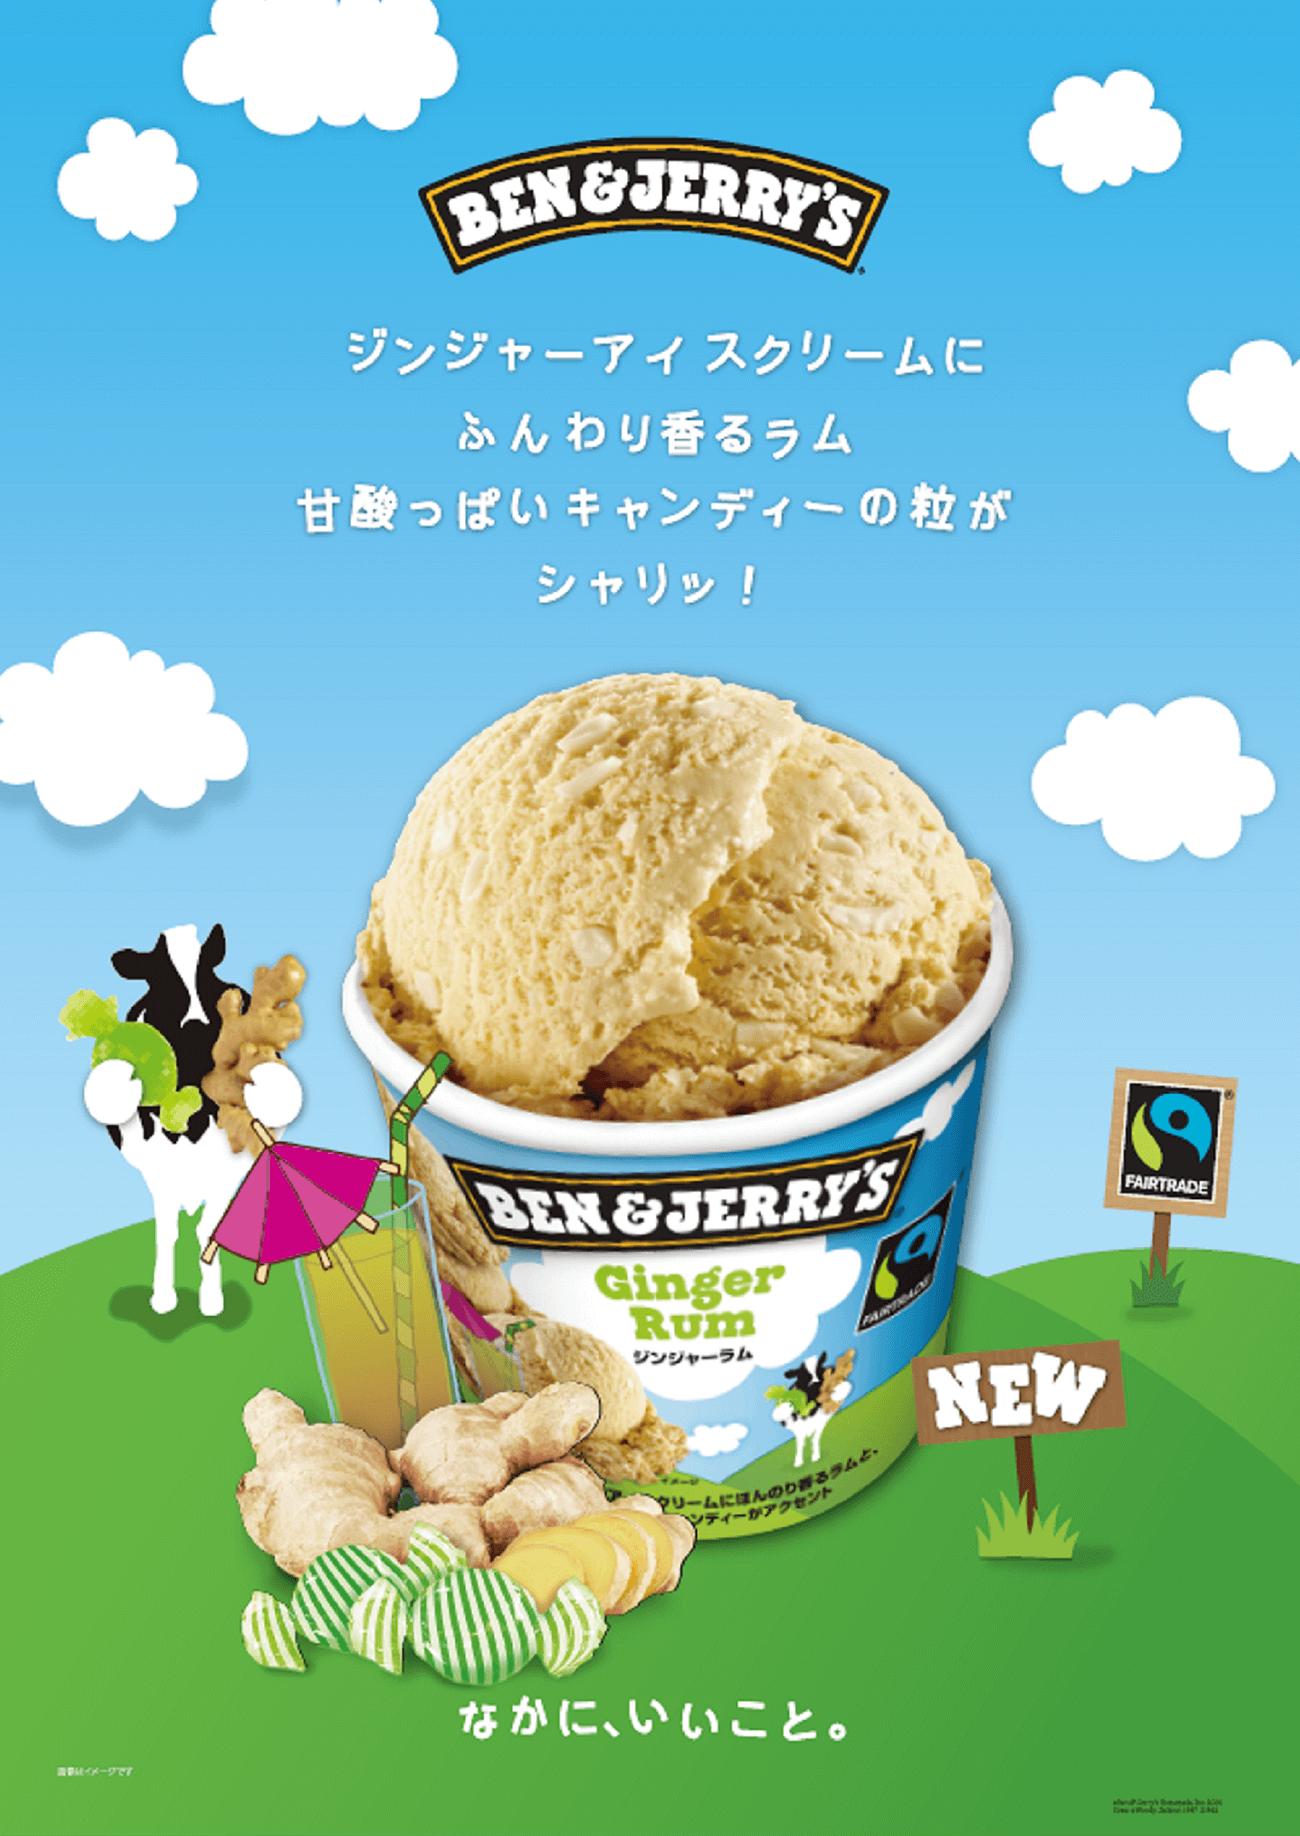 ジンジャーアイスクリームに、ふんわり香るラム。甘酸っぱいキャンディーの粒がシャリッ。 なかに、いいこと。